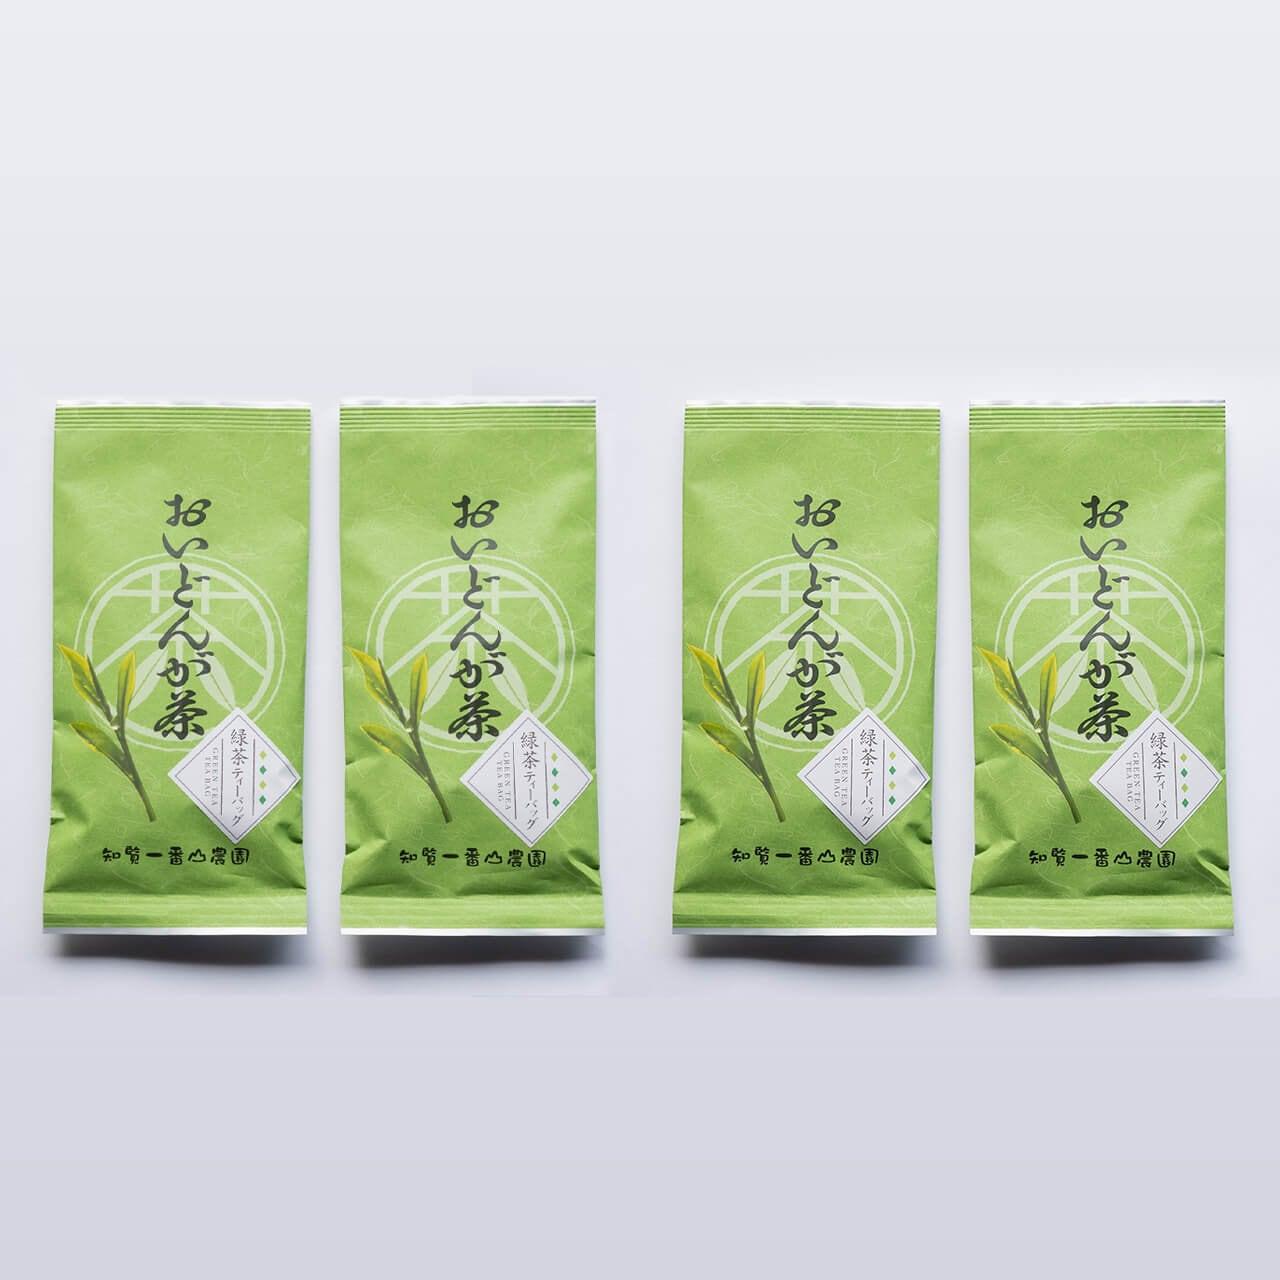 おいどんが茶ティーバッグ【50g(5g×10個)×4本】